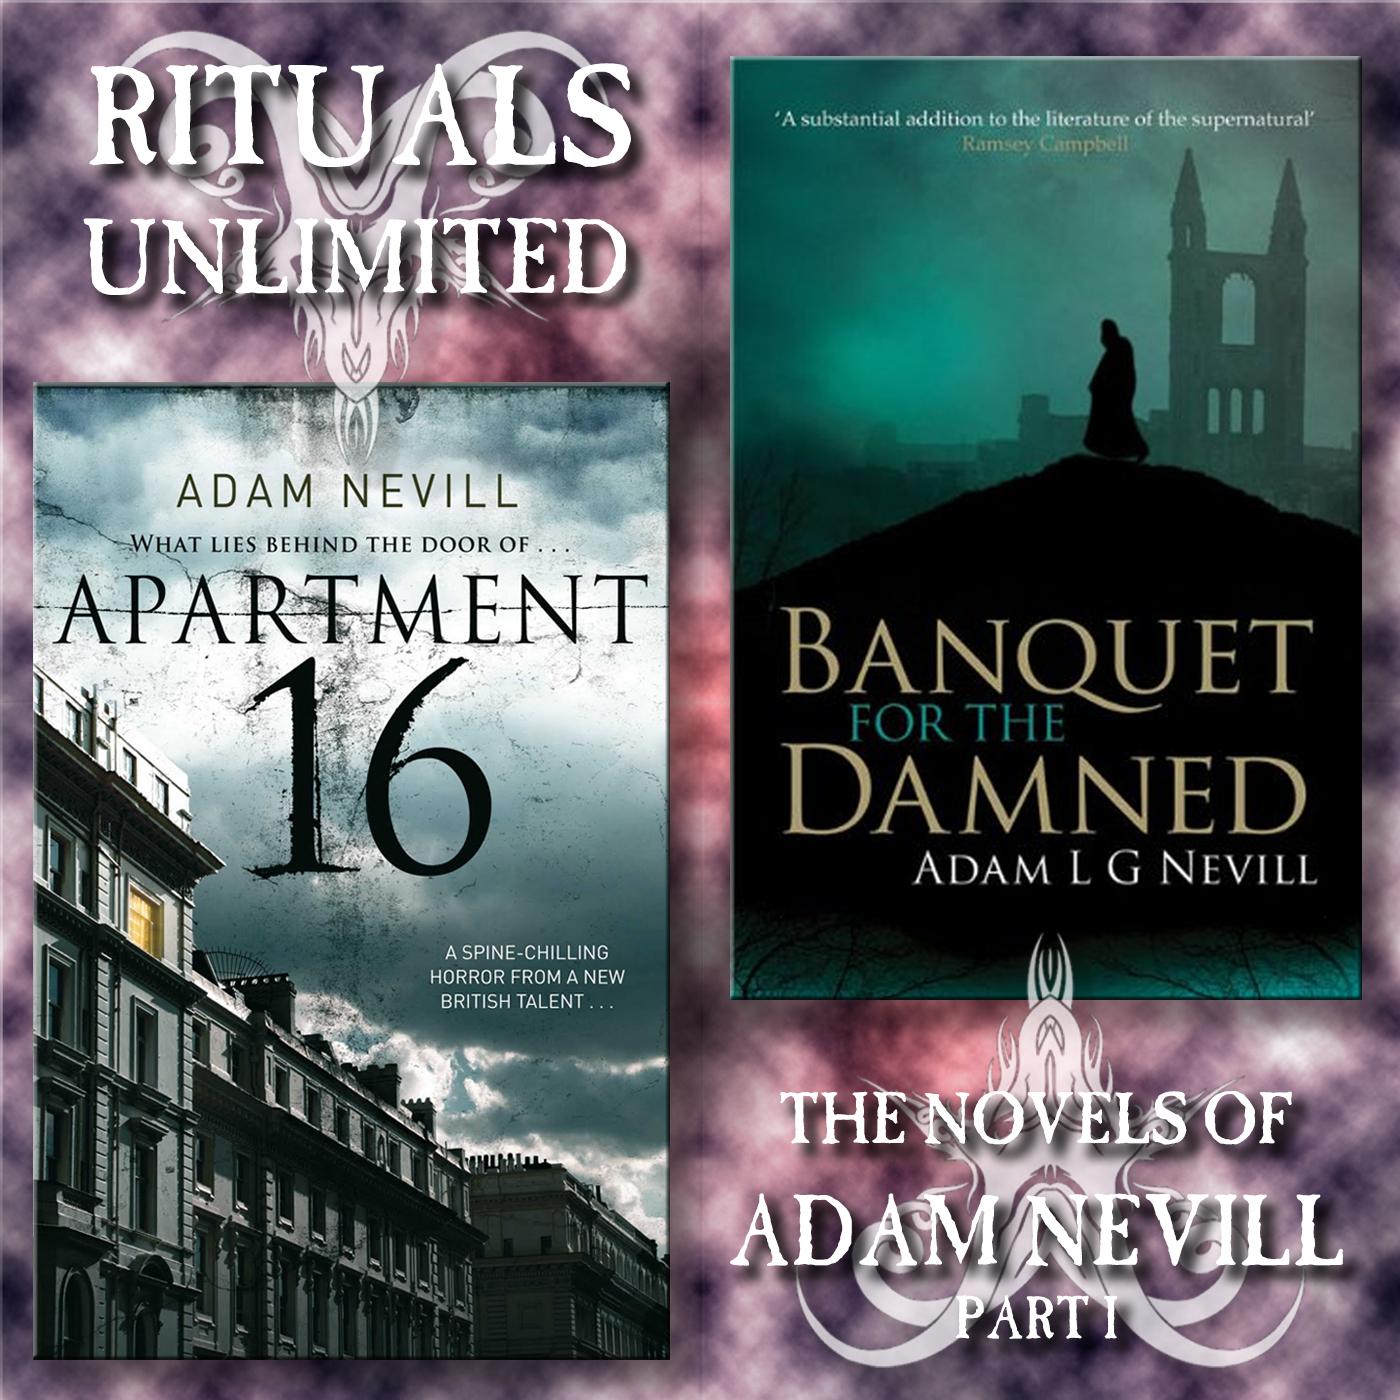 HYPNOGORIA 95 - Rituals Unlimited: The Novels of Adam Nevill Part I